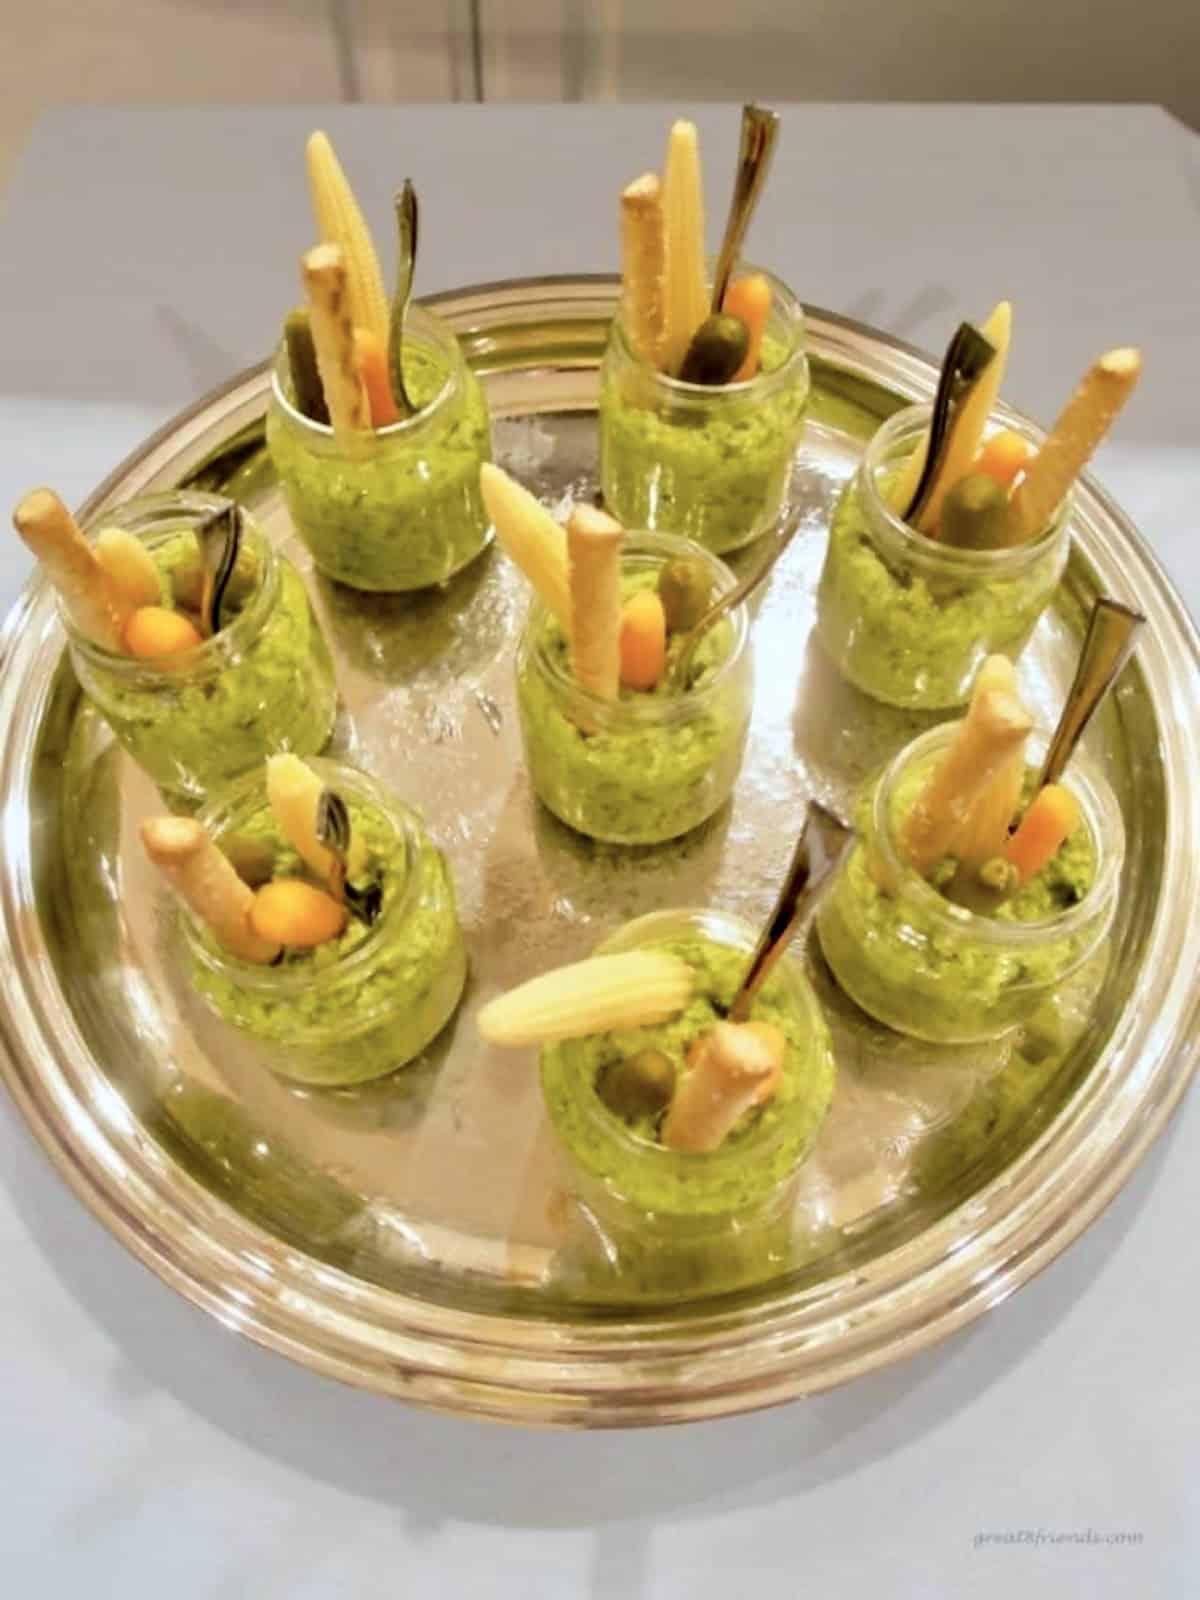 Vegetable dip being served in baby food jars with baby vegetables in each jar.